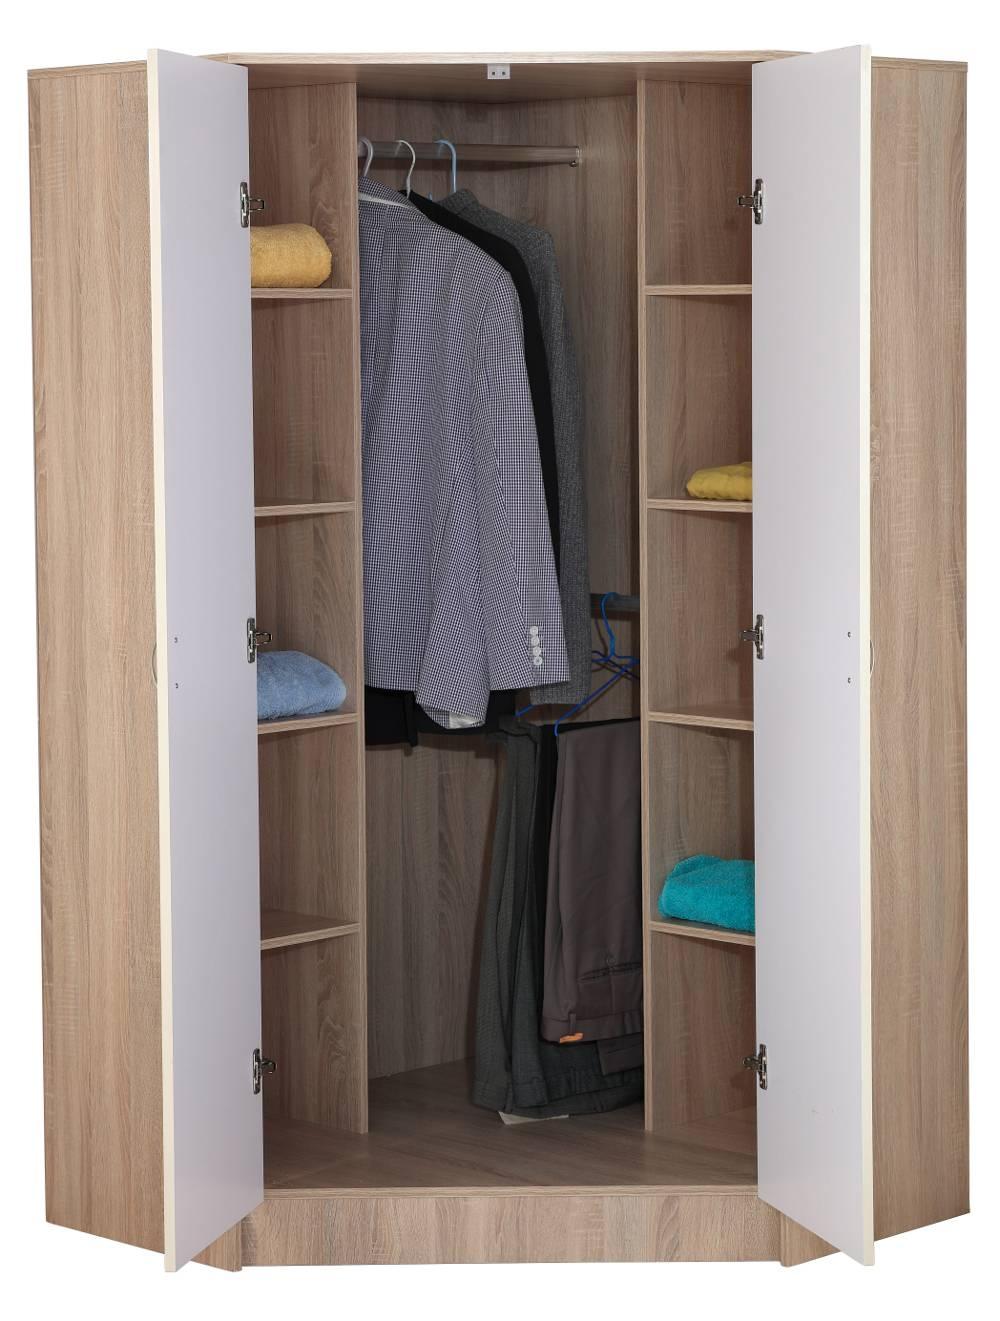 Kanya 2 Door Corner Wardrobe – Sen Furniture For 1 Door Corner Wardrobes (View 2 of 15)